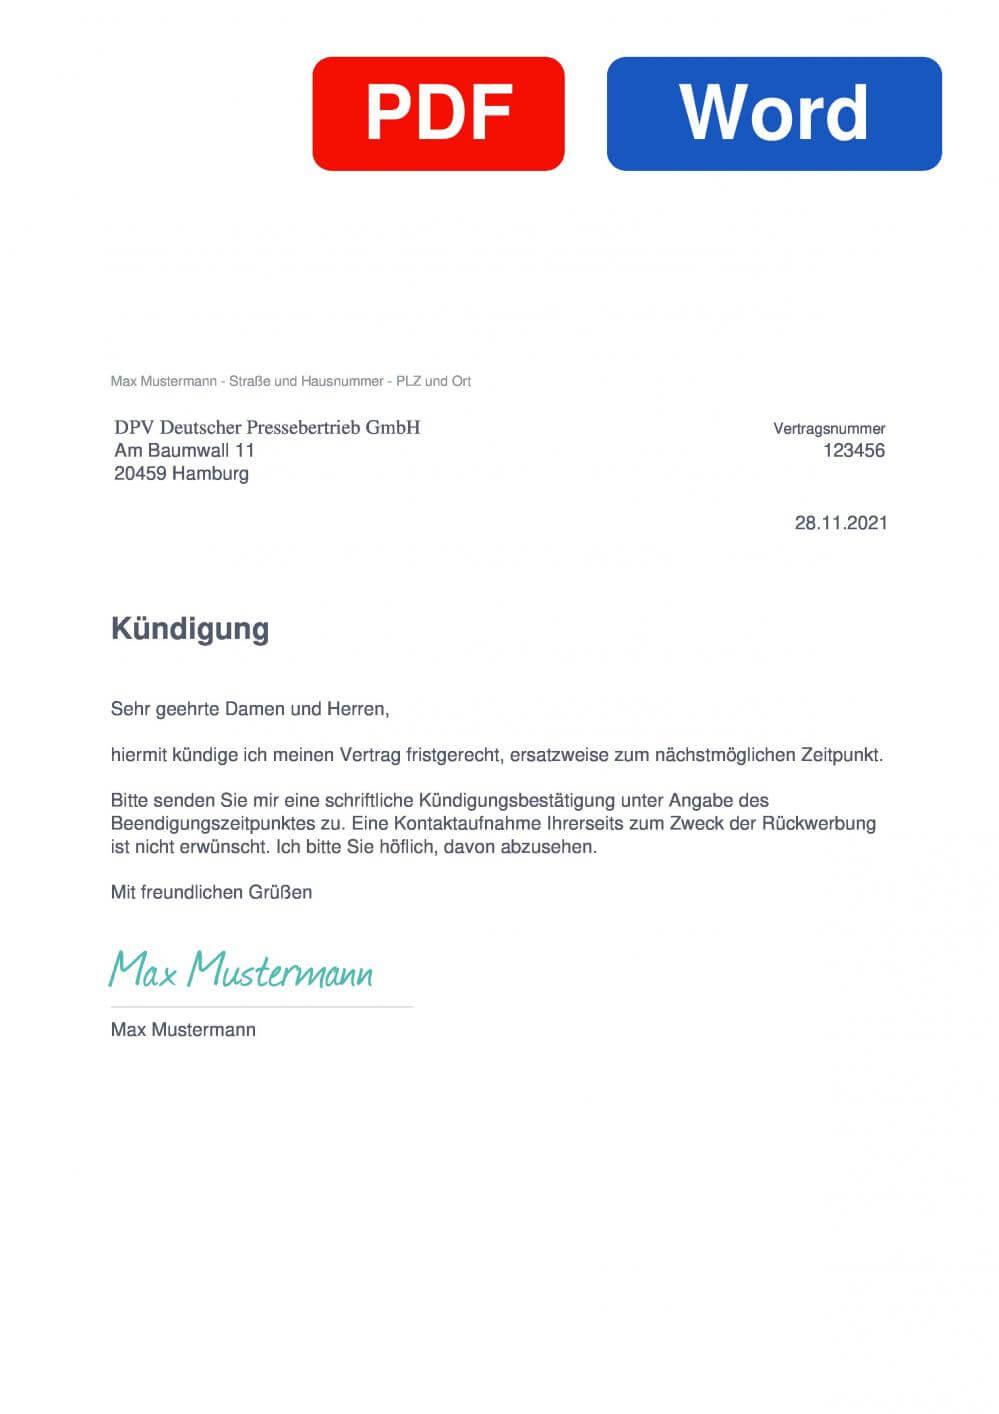 DPV Deutscher Pressevertrieb GmbH Muster Vorlage für Kündigungsschreiben